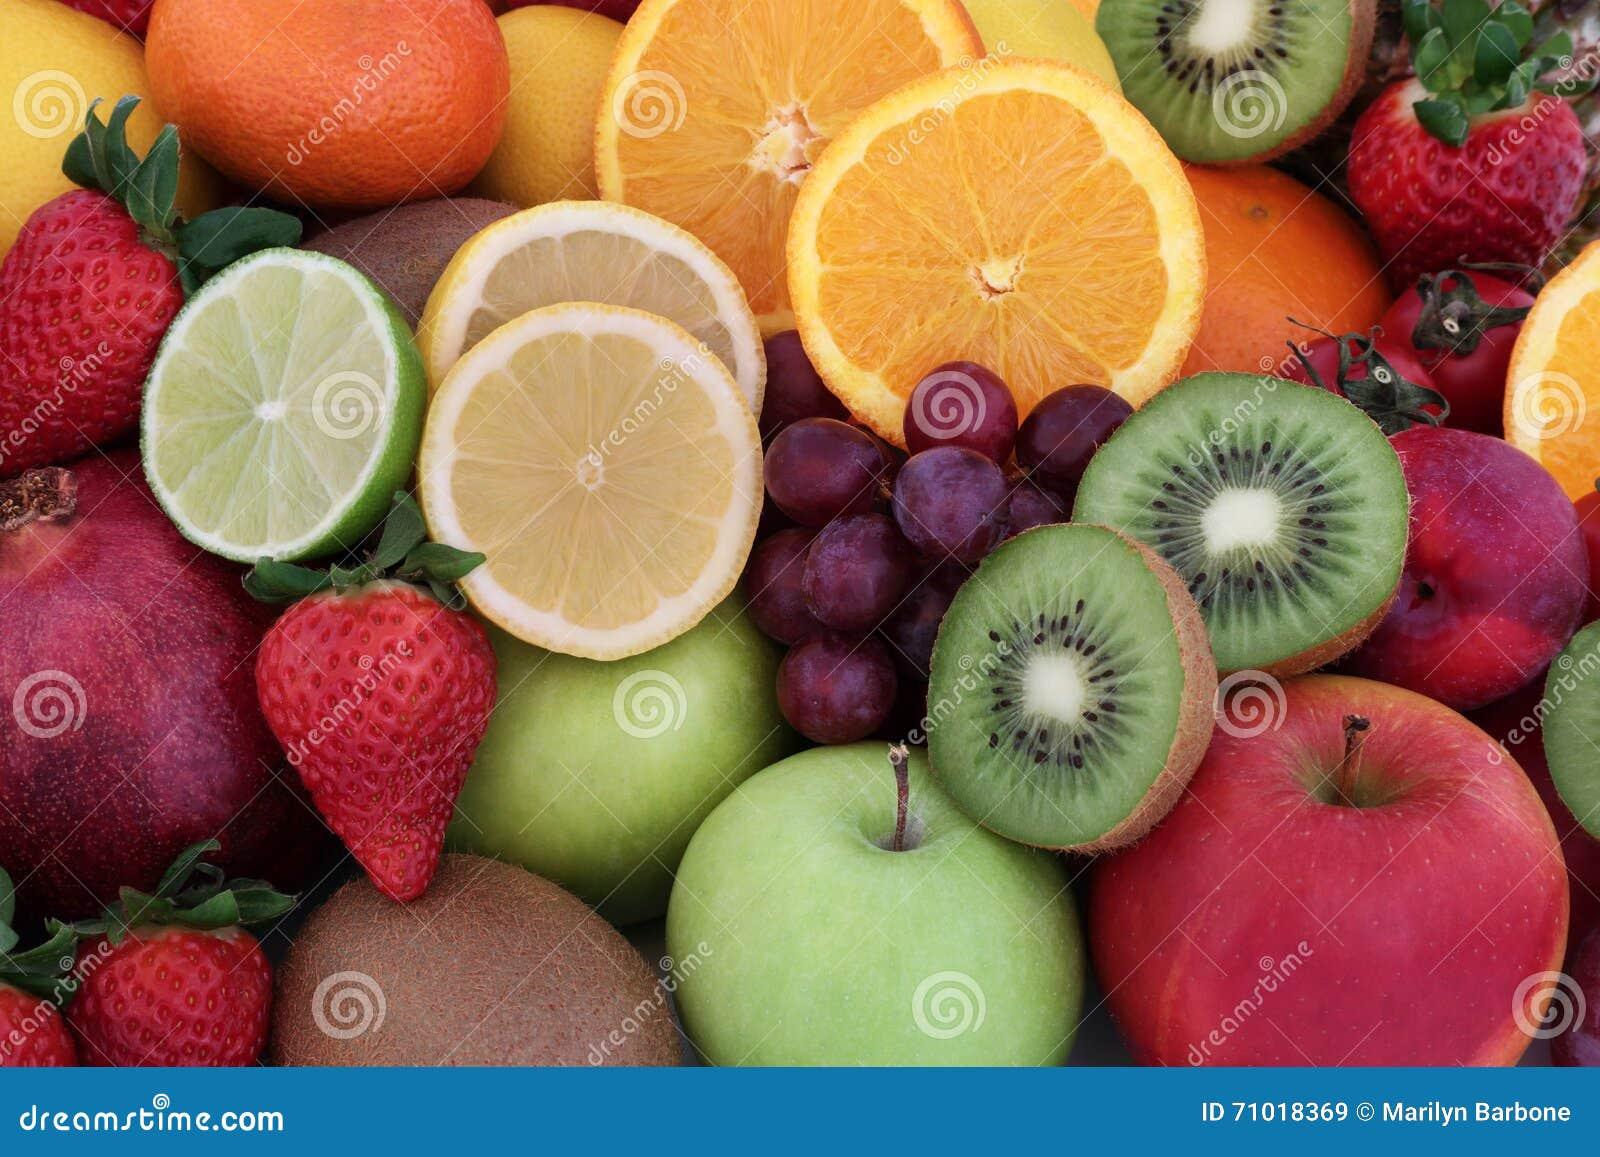 健康新鲜水果选择